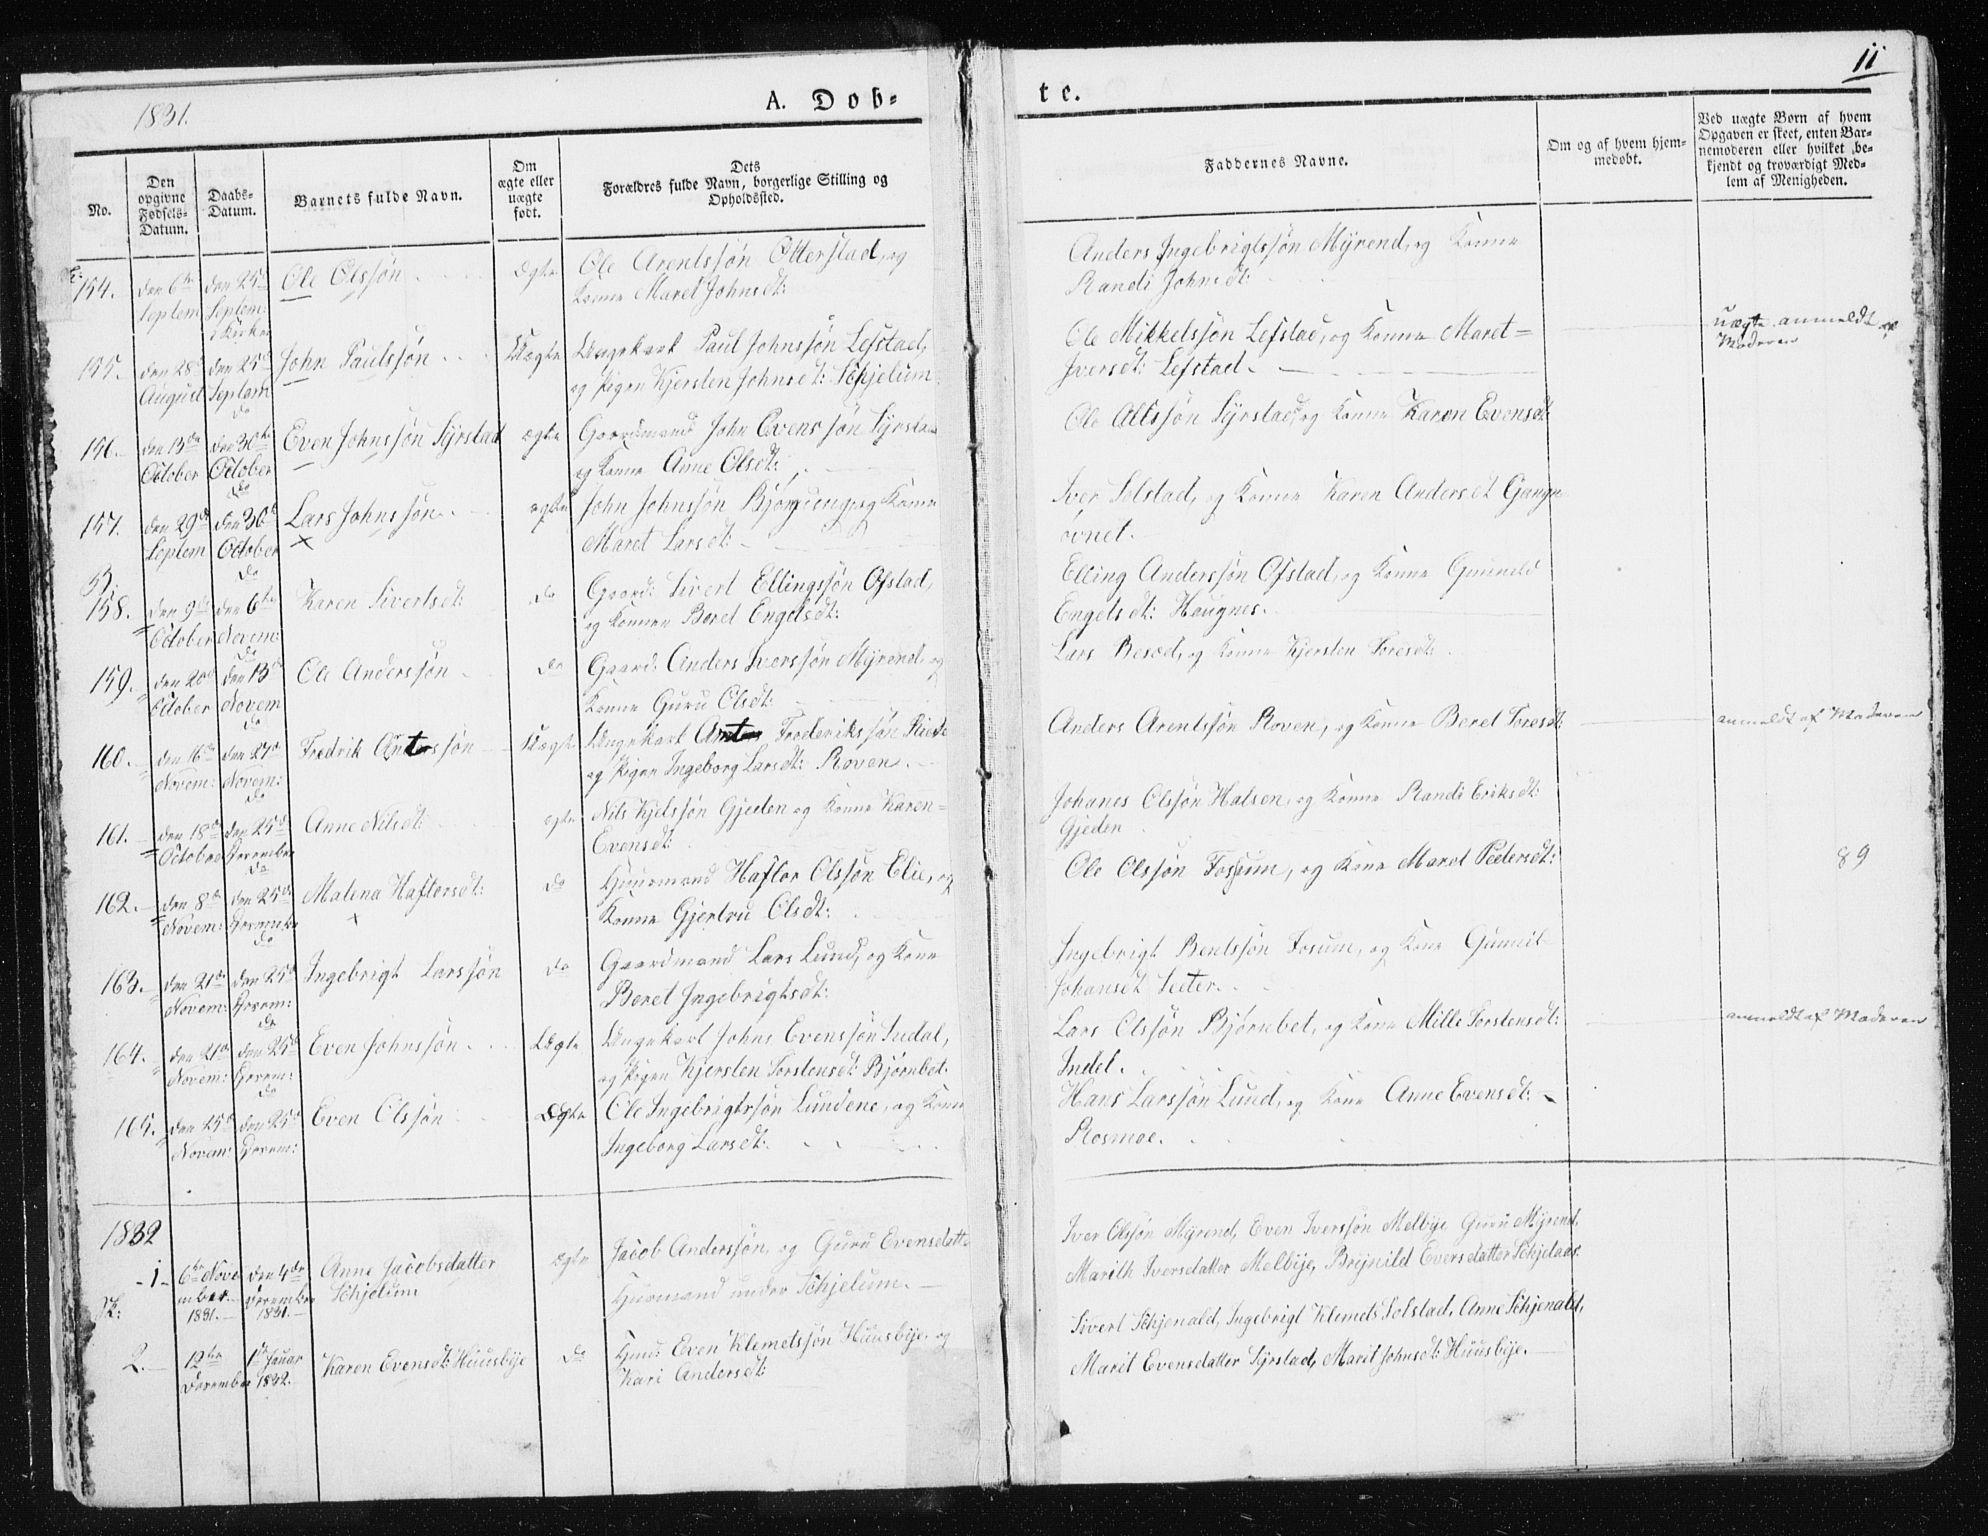 SAT, Ministerialprotokoller, klokkerbøker og fødselsregistre - Sør-Trøndelag, 665/L0771: Ministerialbok nr. 665A06, 1830-1856, s. 11